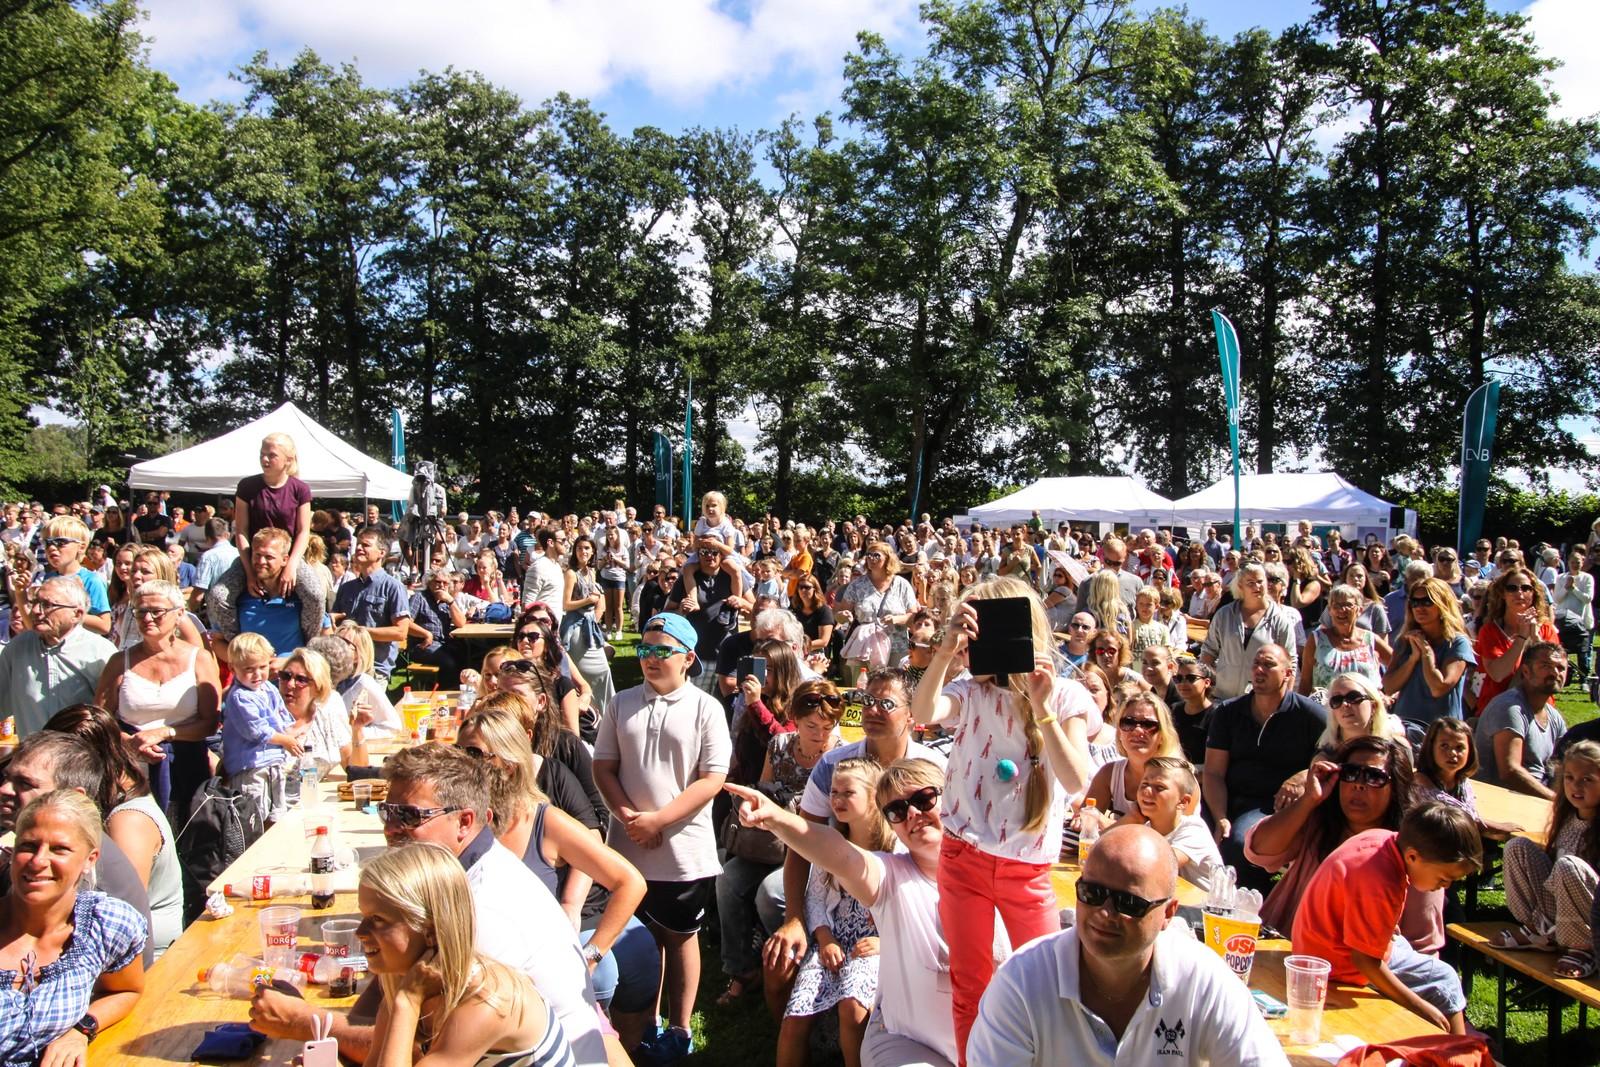 Omtrent 6000 mennesker var med på familiearrangementet lørdag.